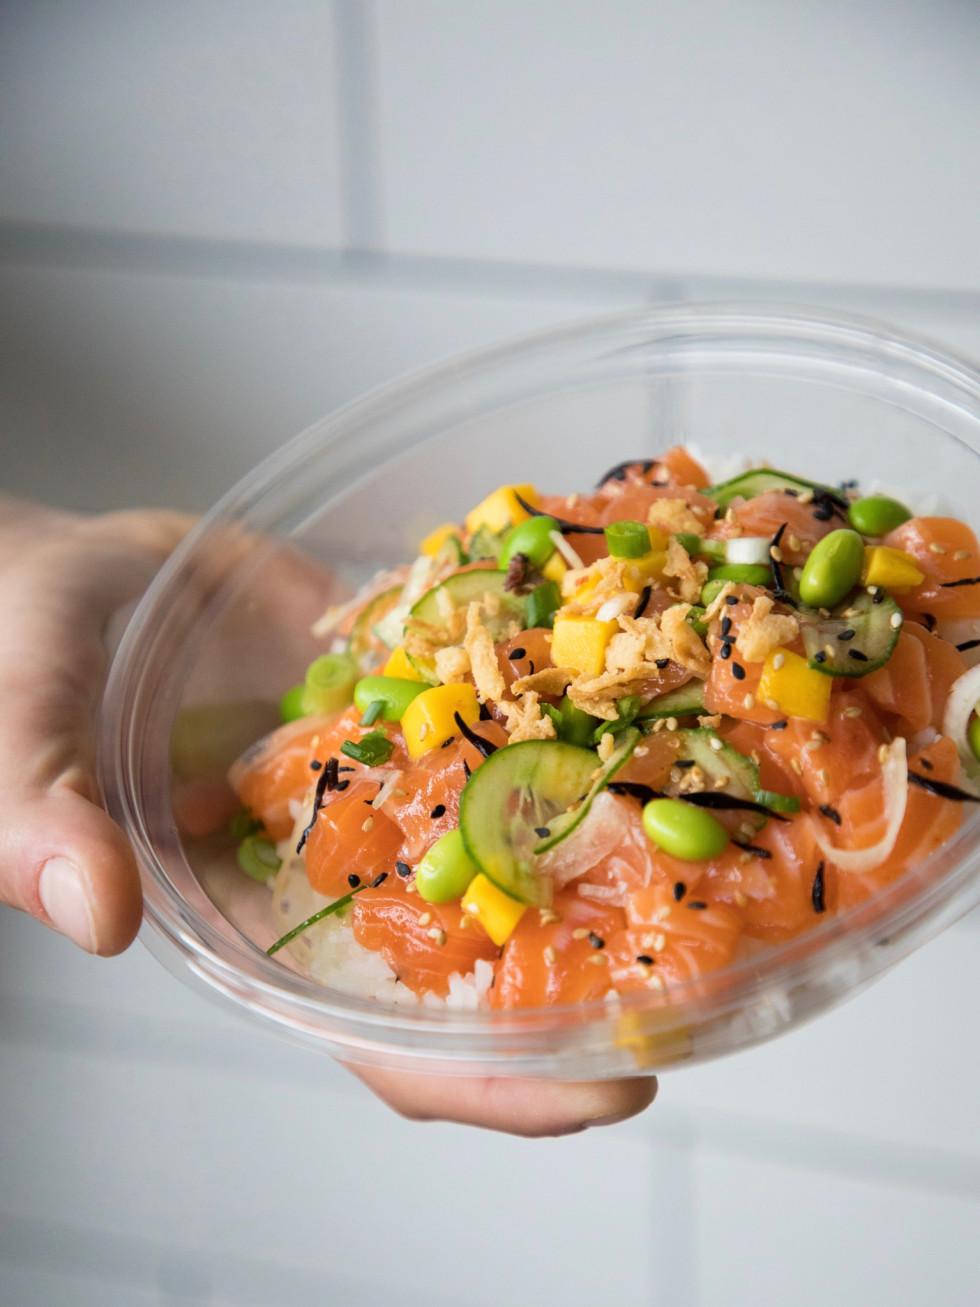 Pokeworks salmon bowl